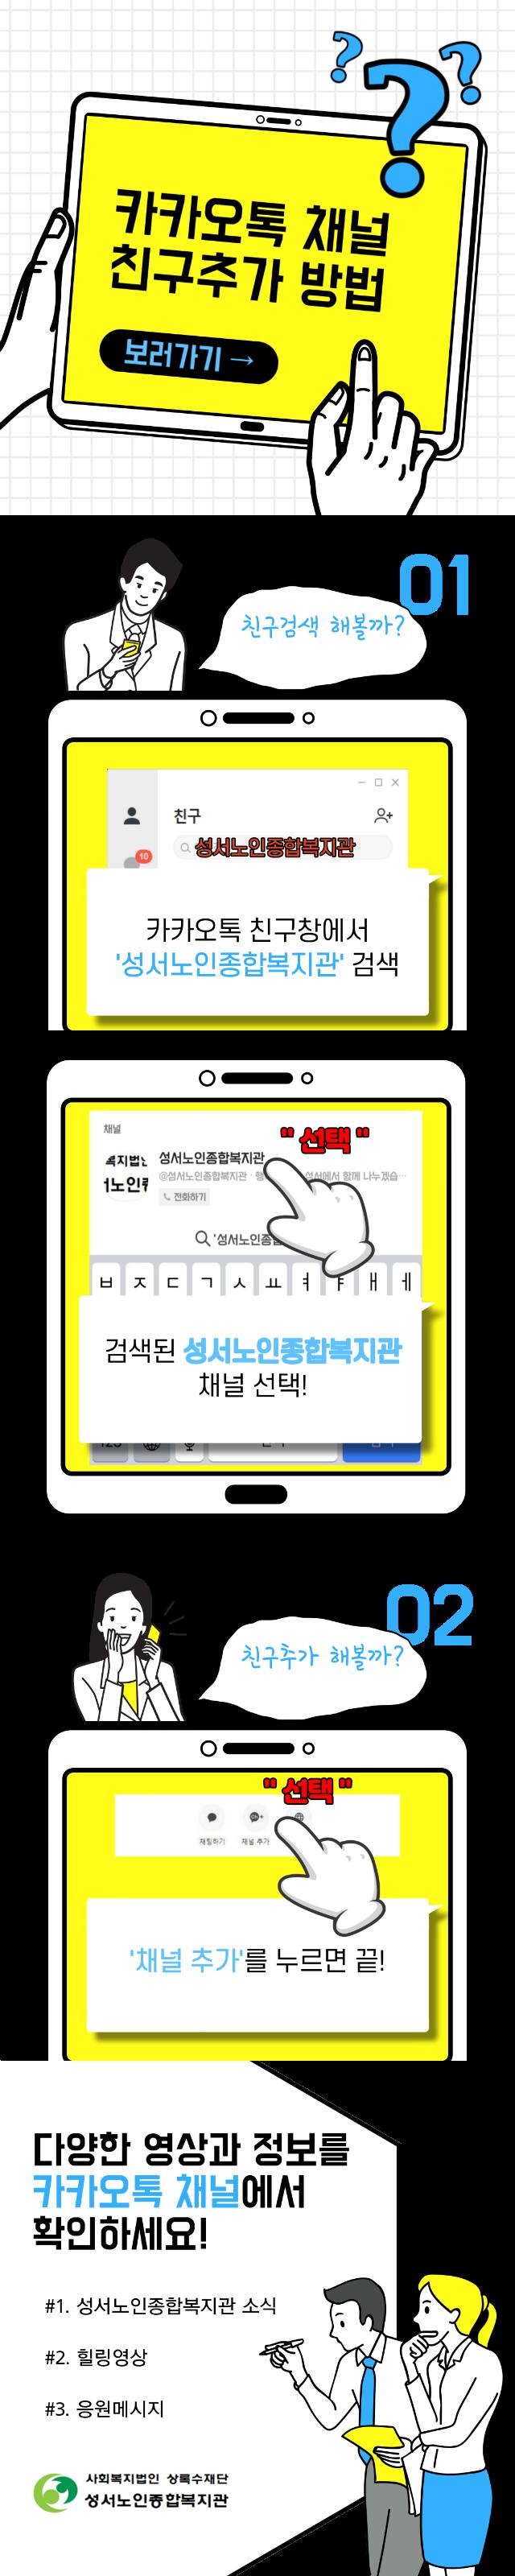 카카오톡-채널-친구추가방법(최종).png